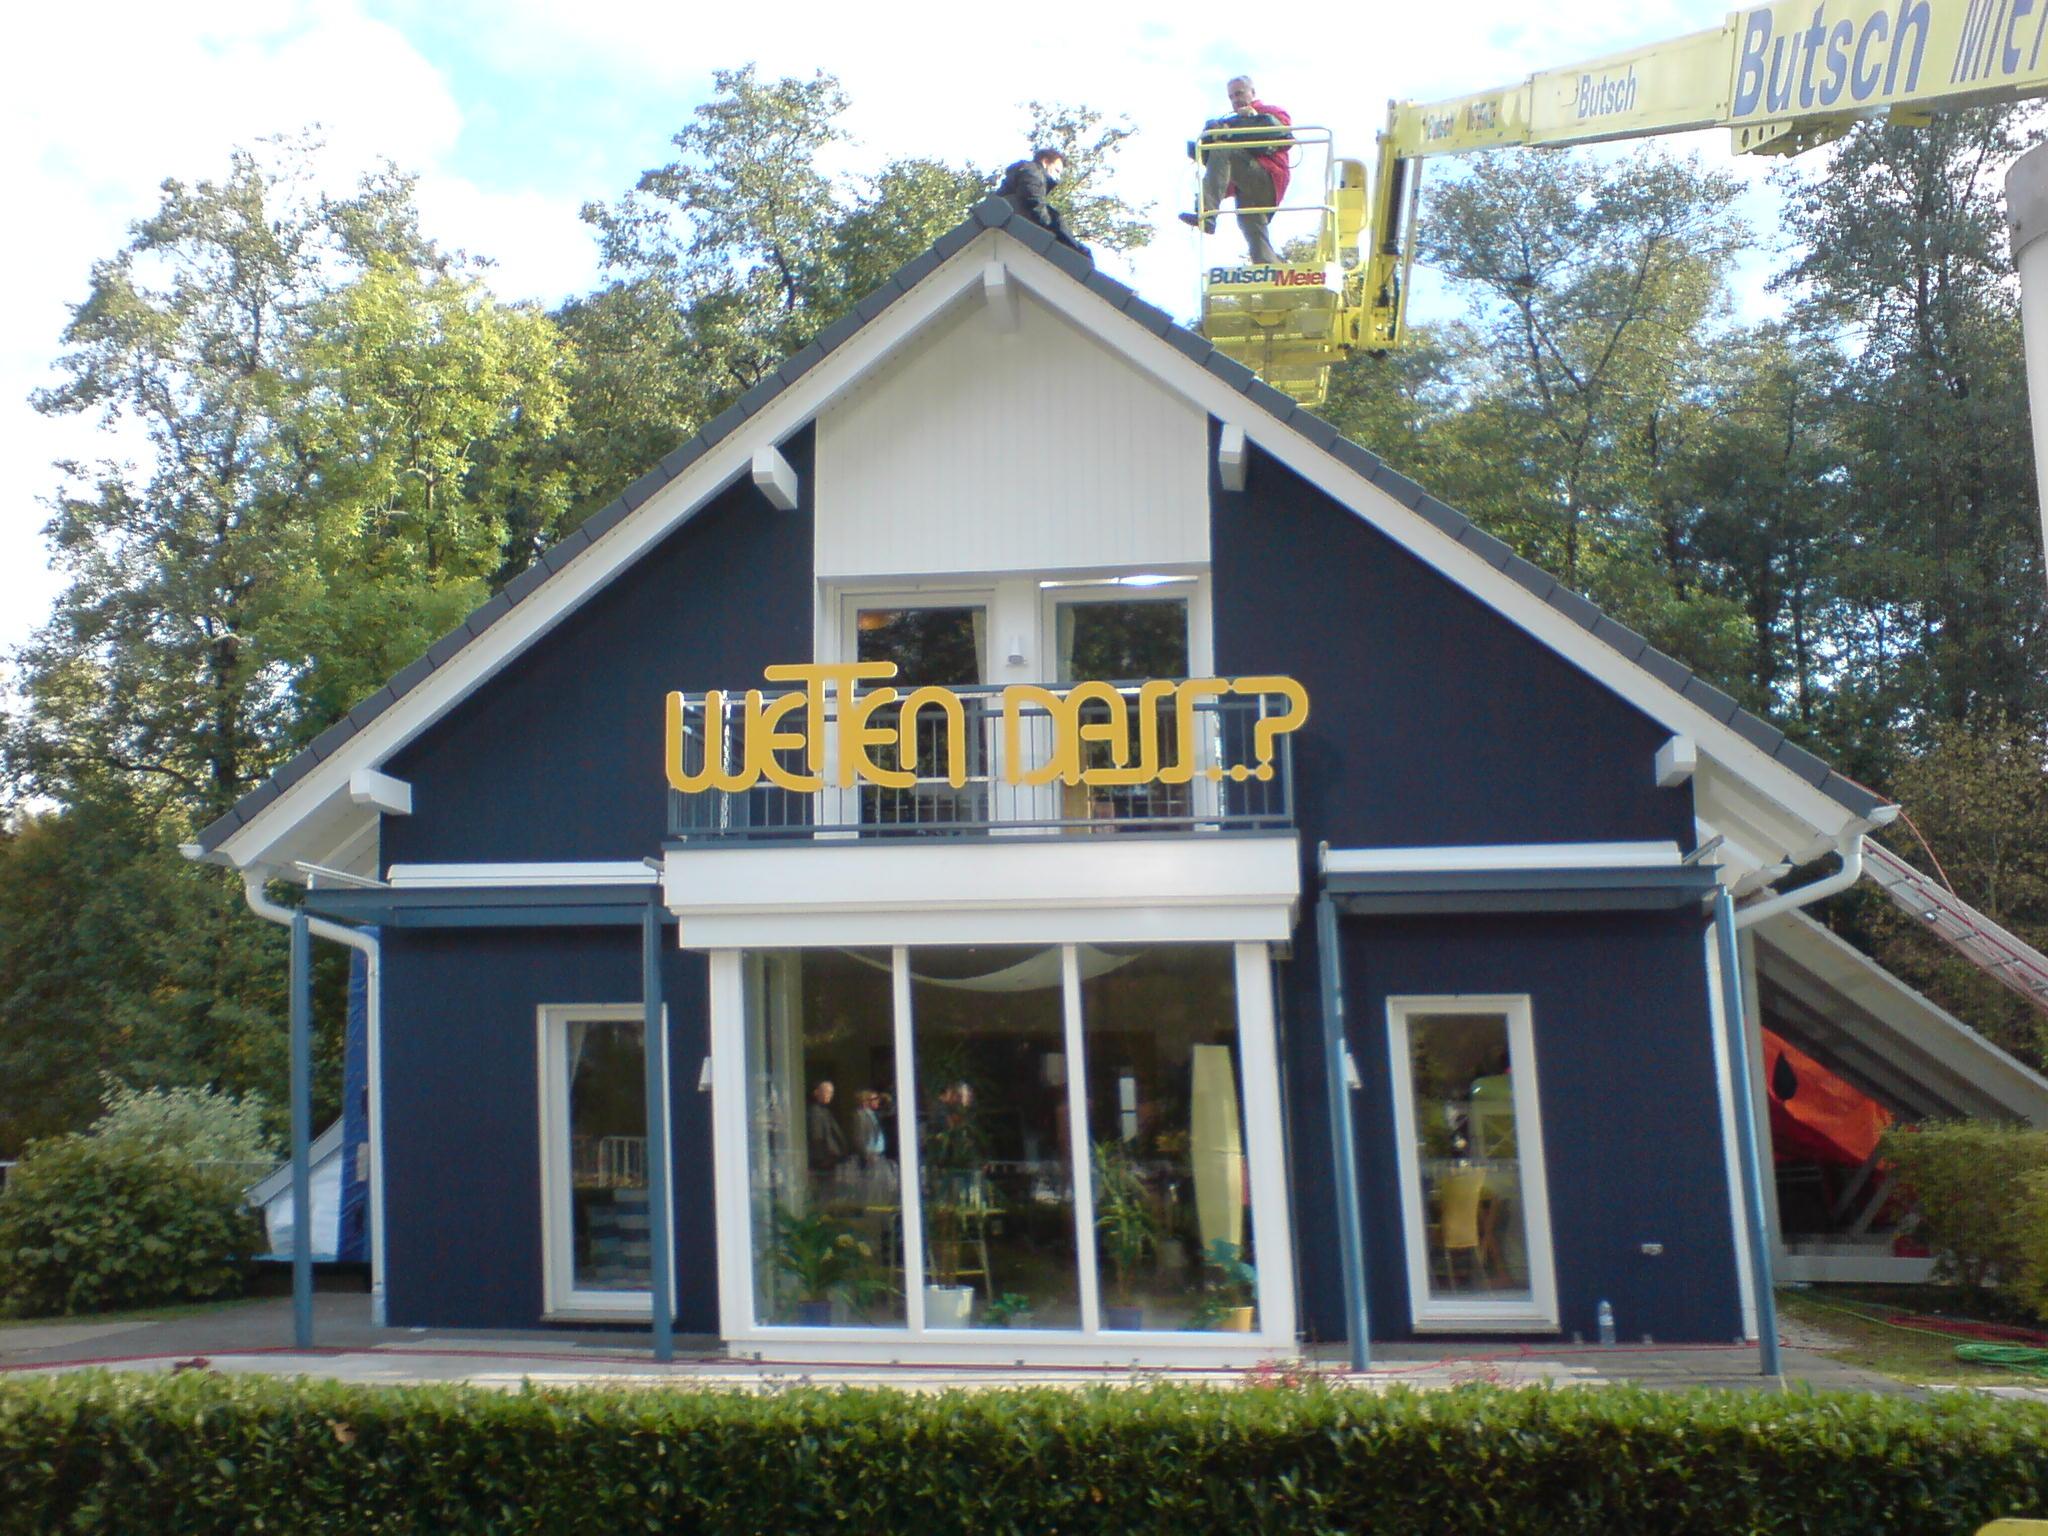 localpark-peter-jandt-wetten-dass